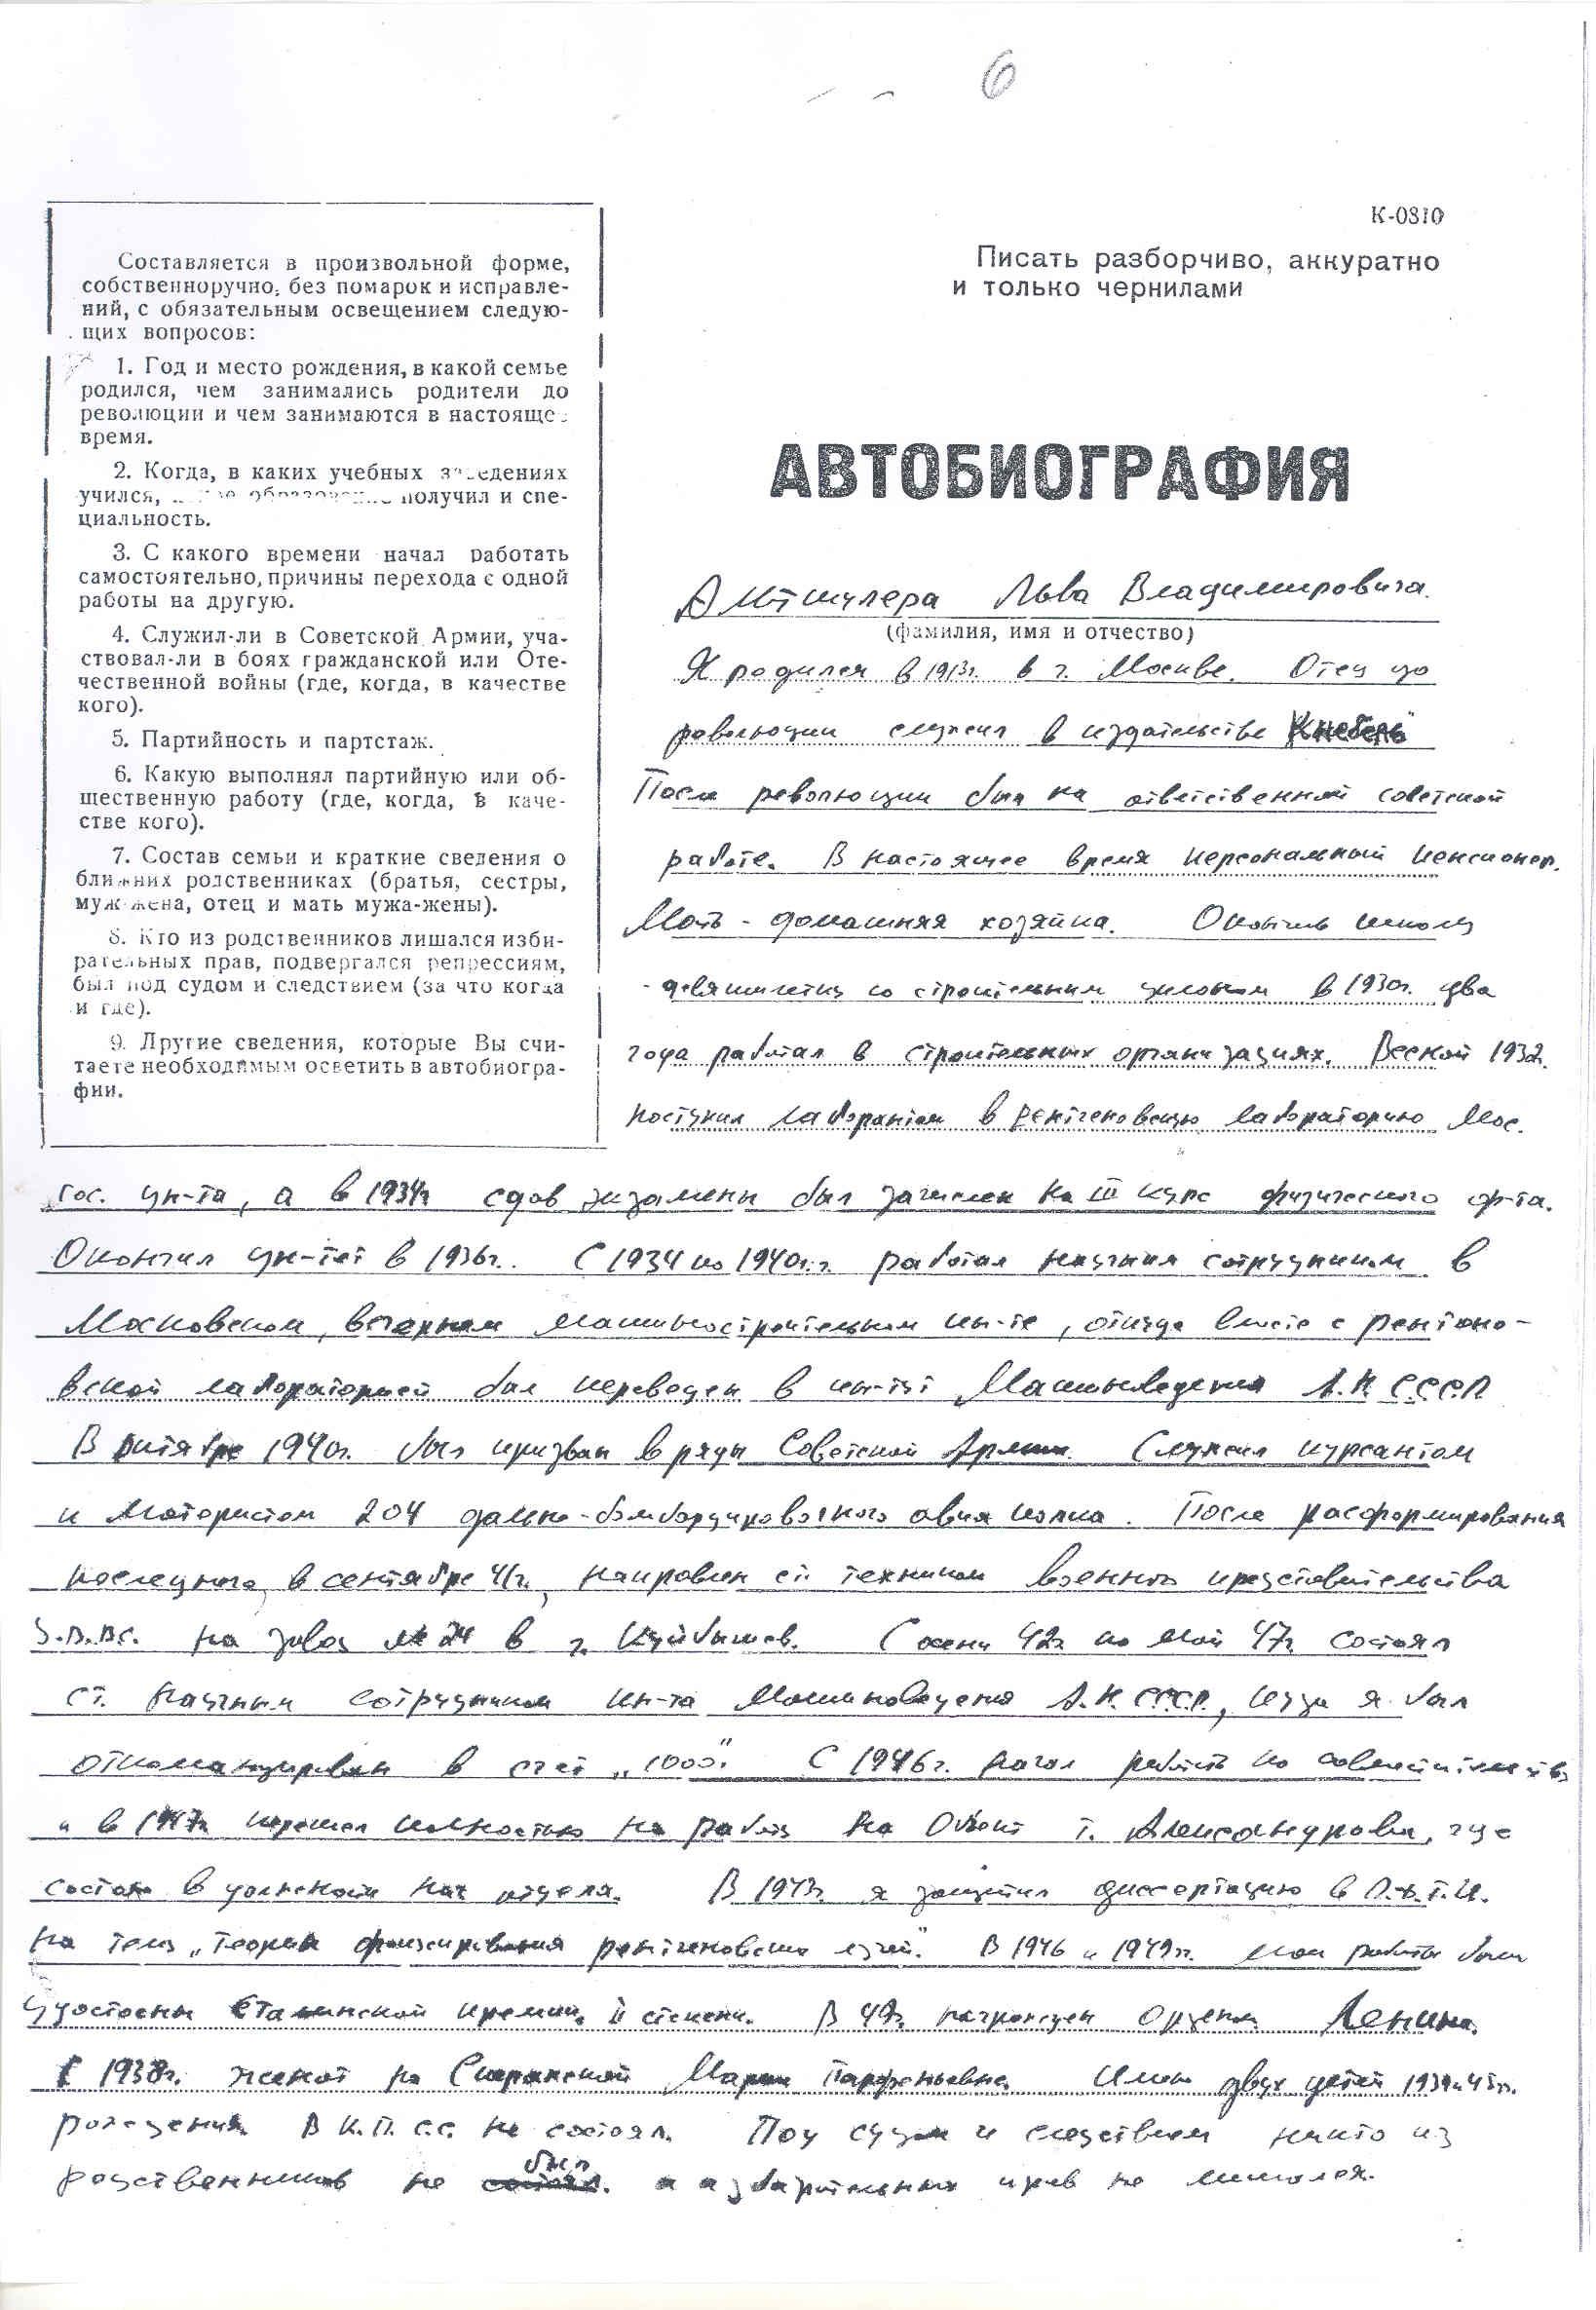 Автобиография для военкомата